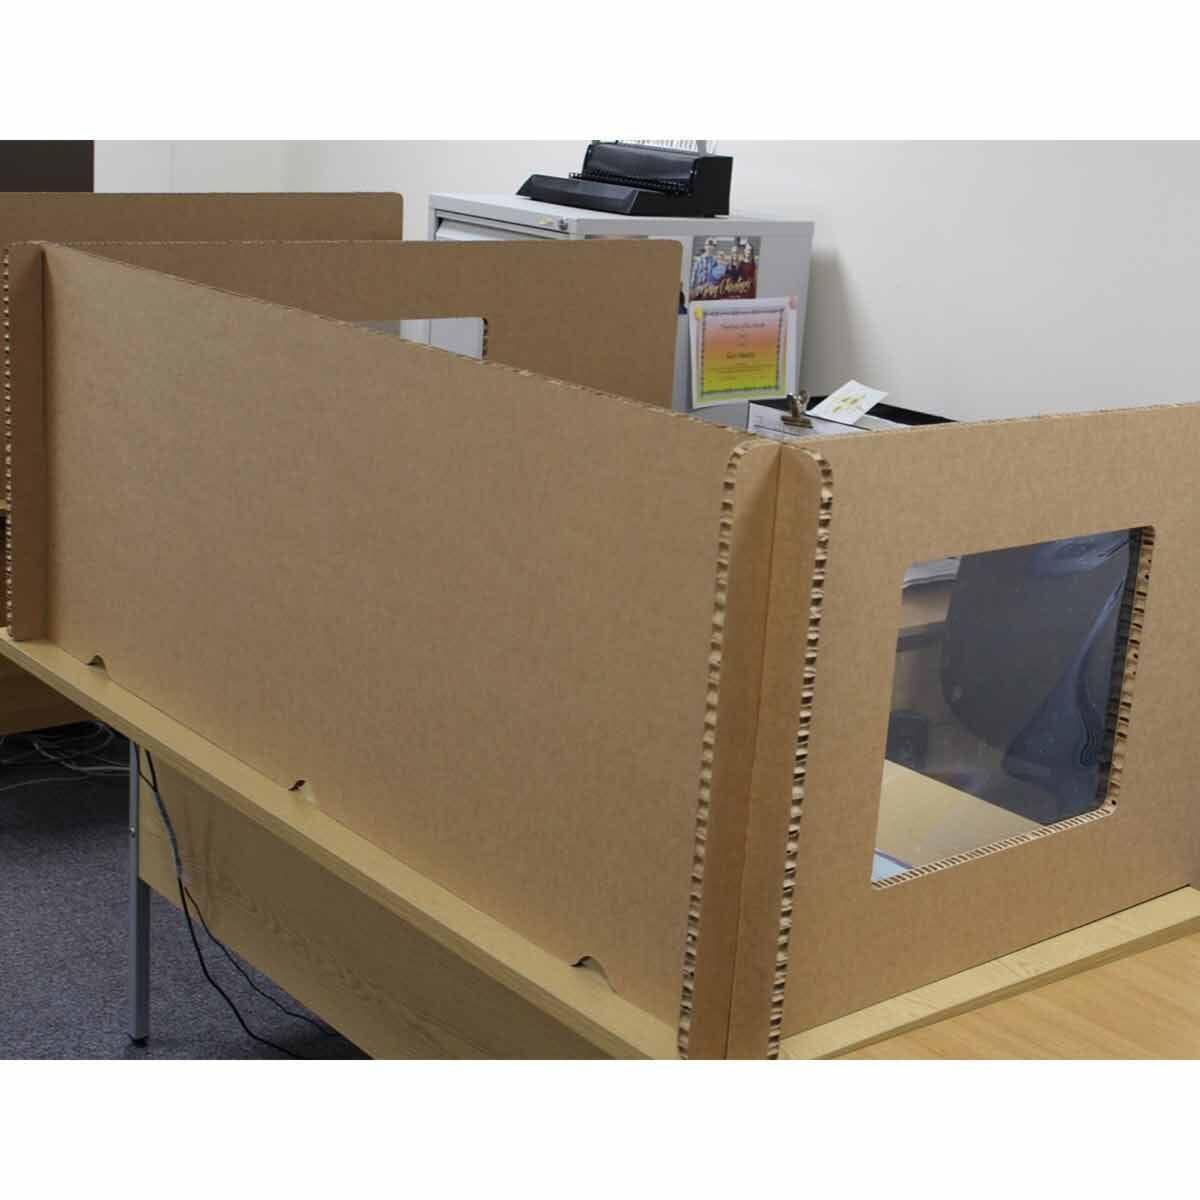 Pallite Desk Screen Set for 1600mm x 1200mm Desk